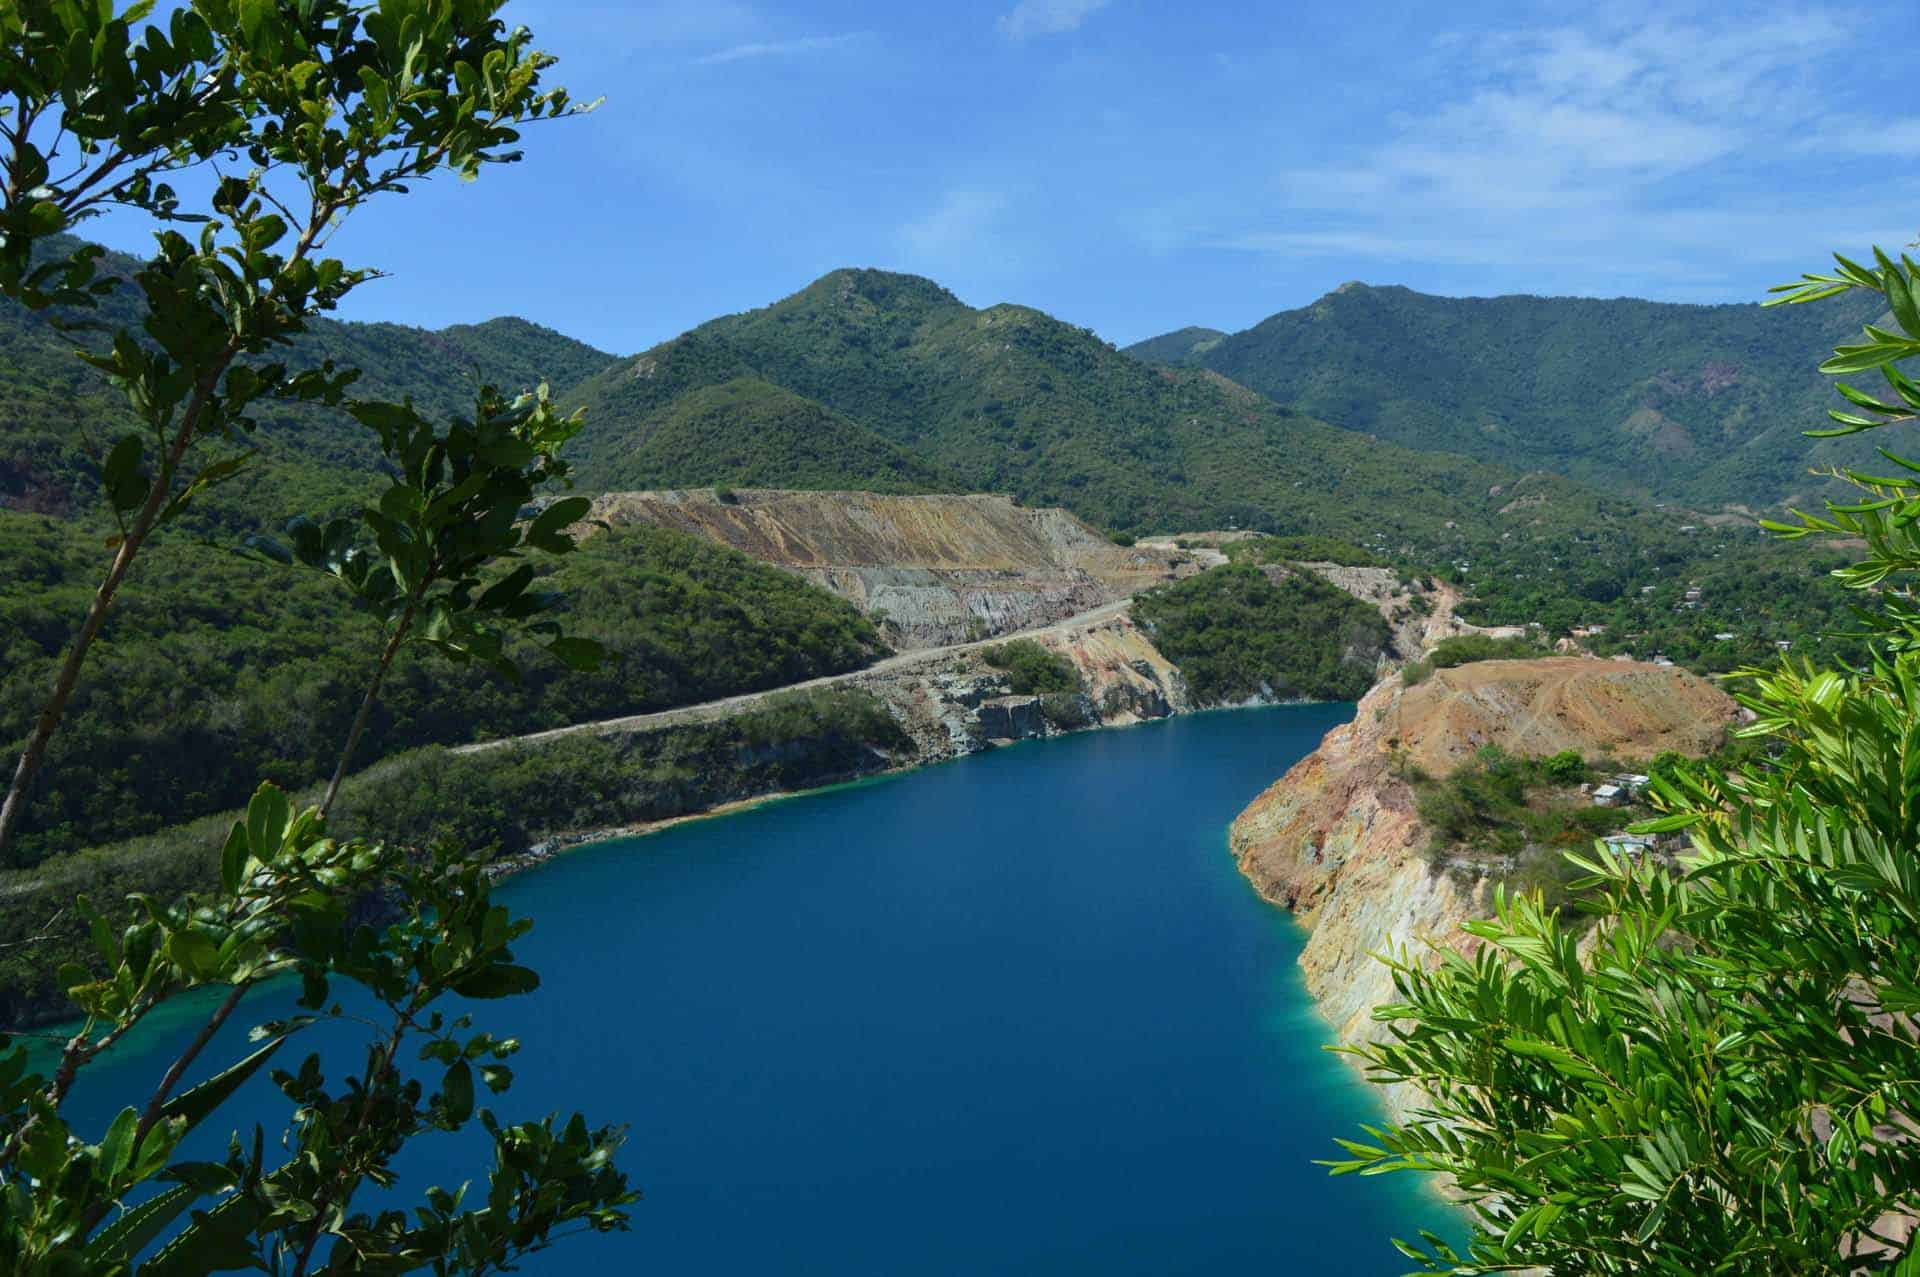 santiago de cuba paysage lagon bleu montagne cuba autrement